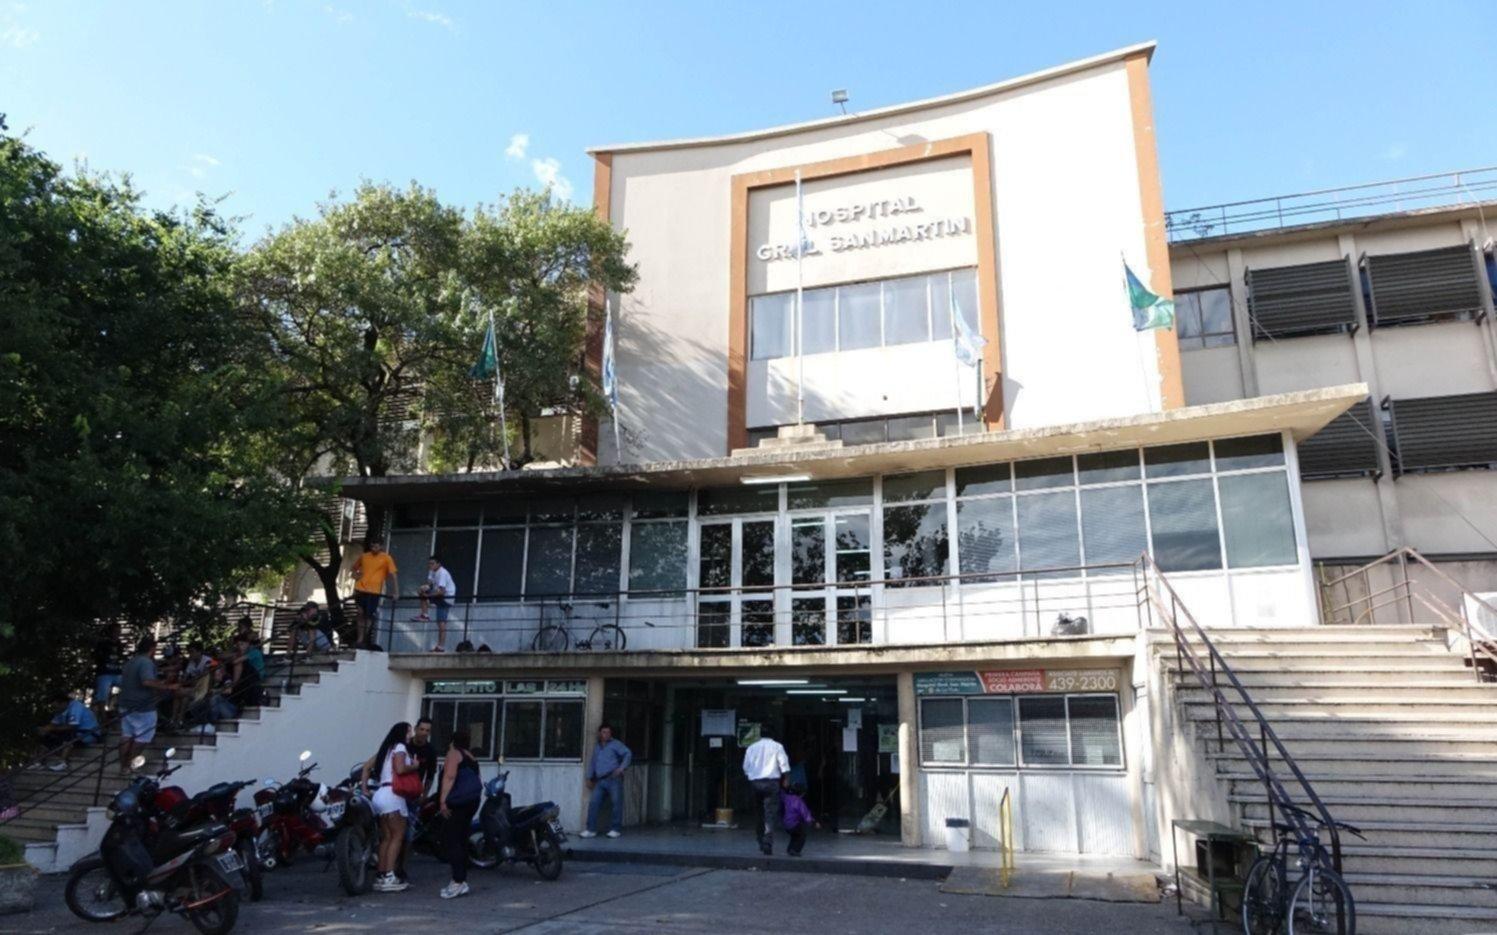 Sigue el problema con los tomógrafos: ahora no funciona en el hospital San Martín